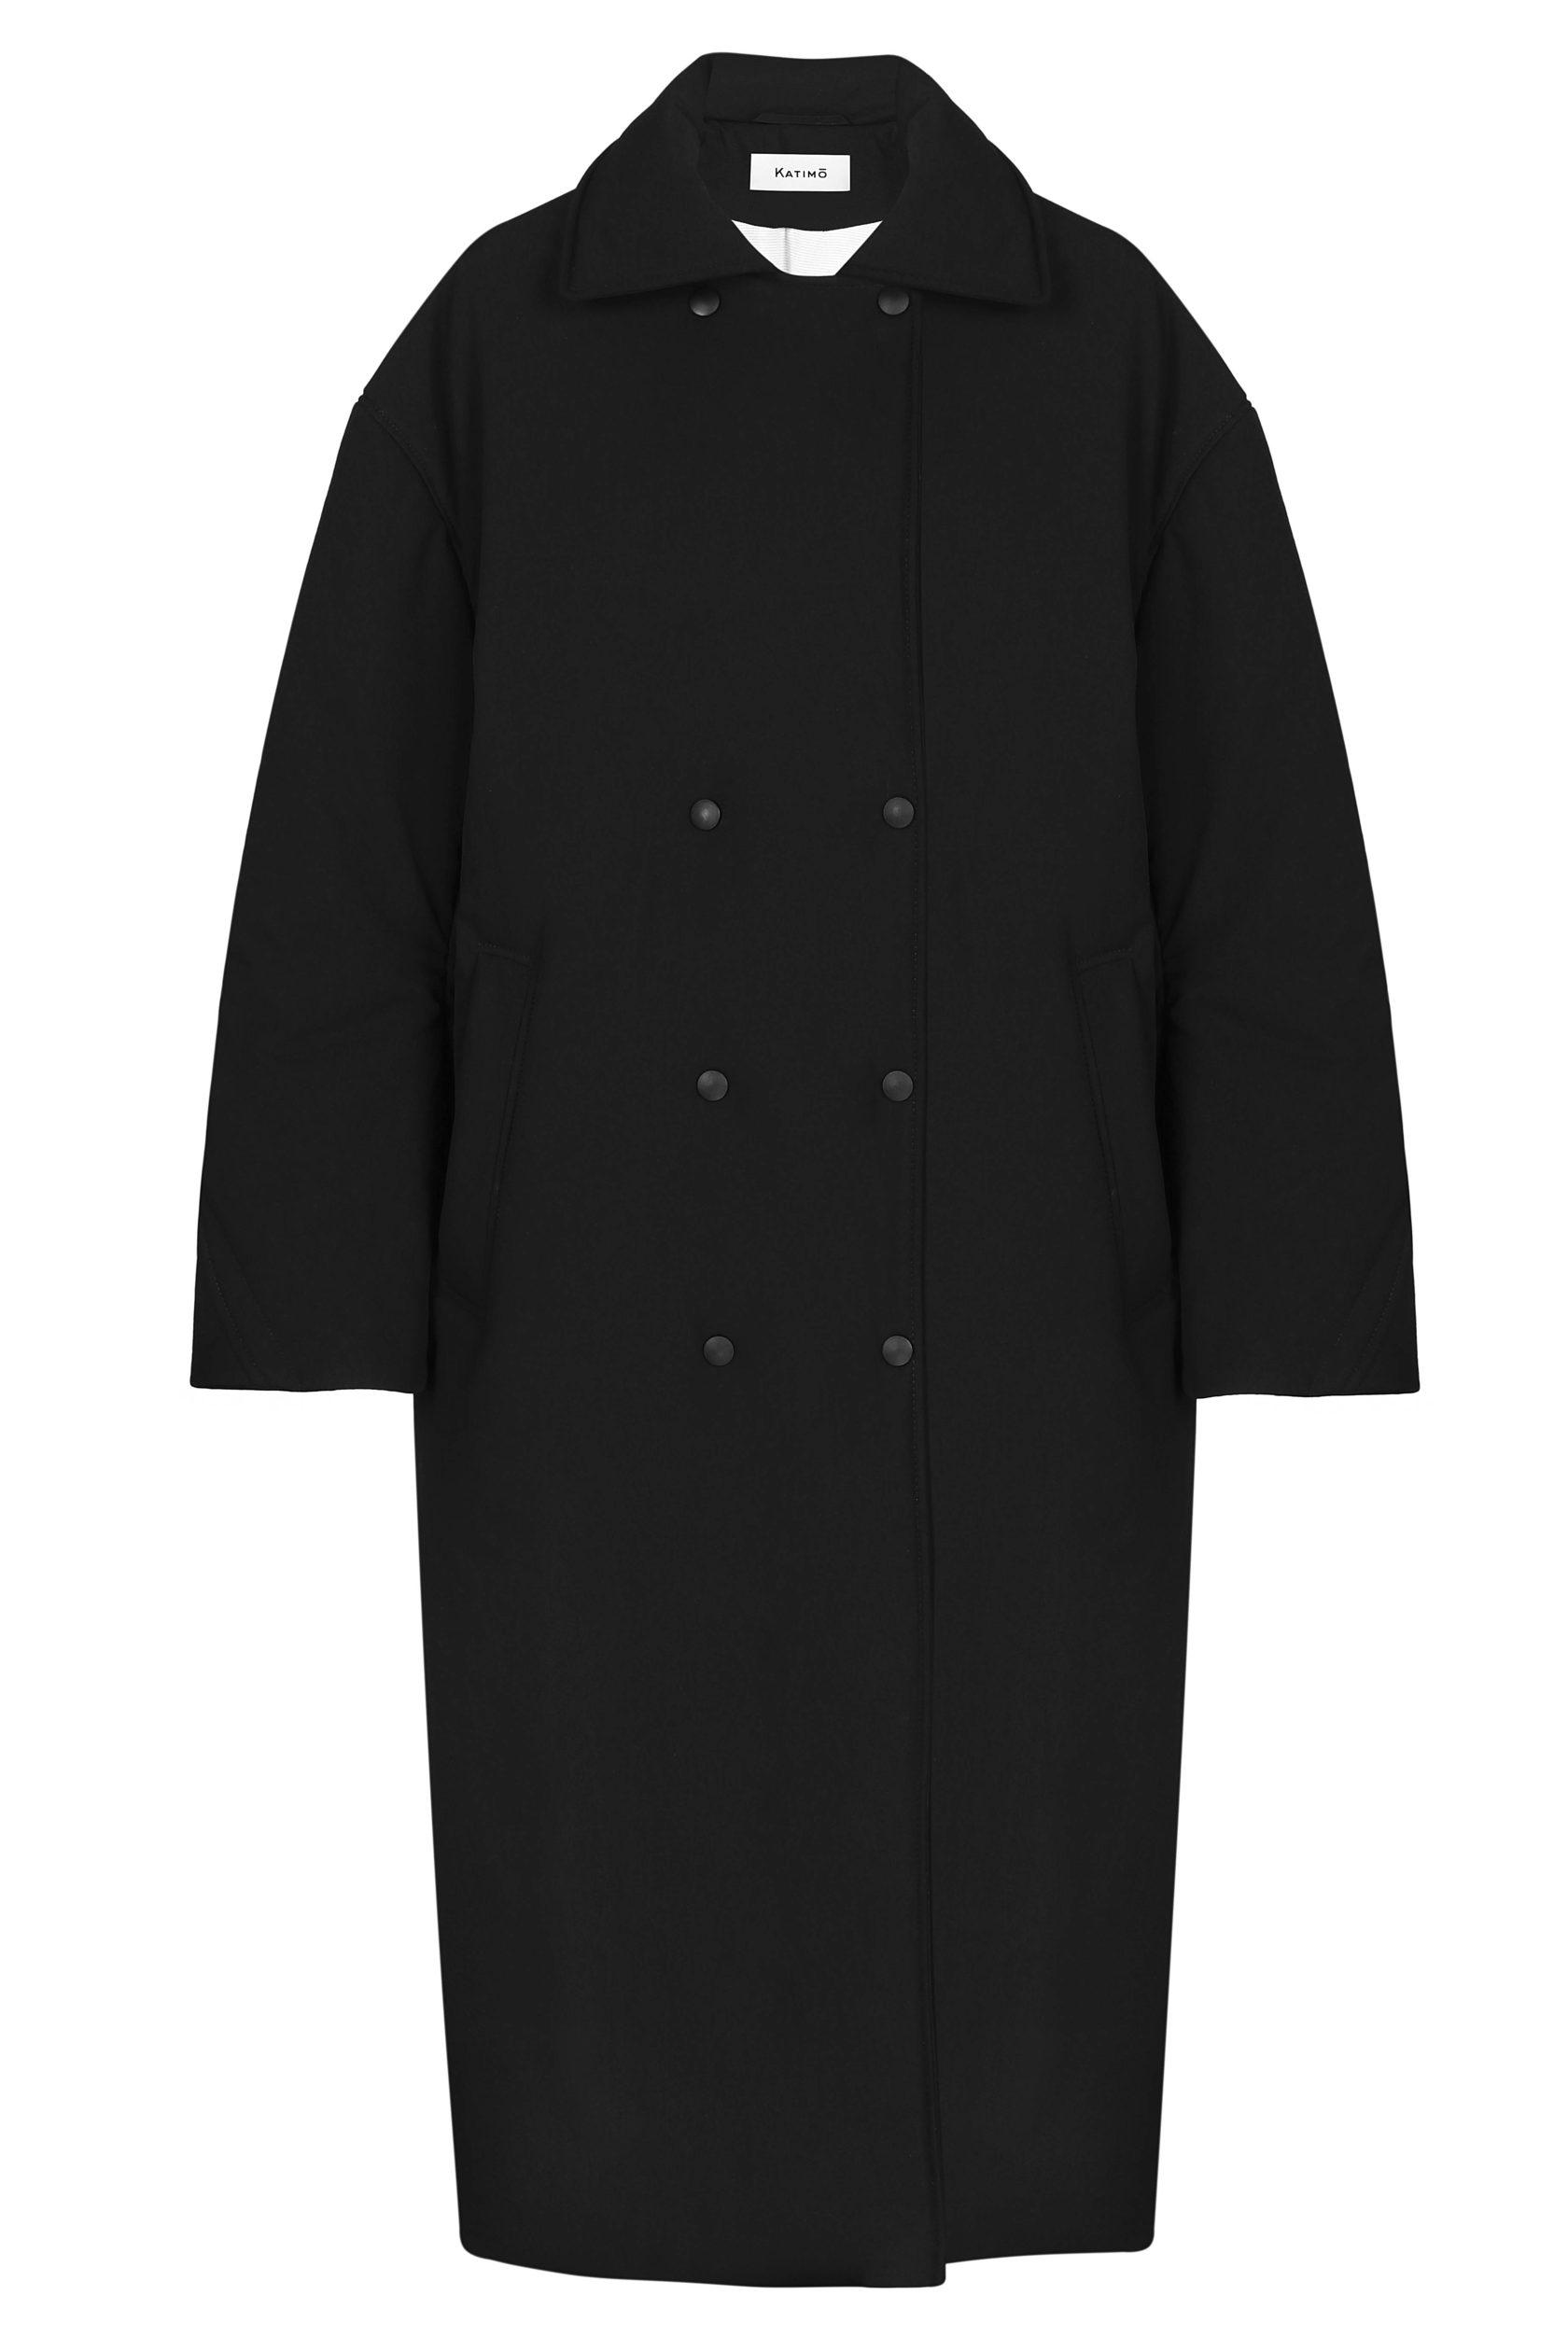 Өдөн курткаг загварчлах 3 арга (фото 12)